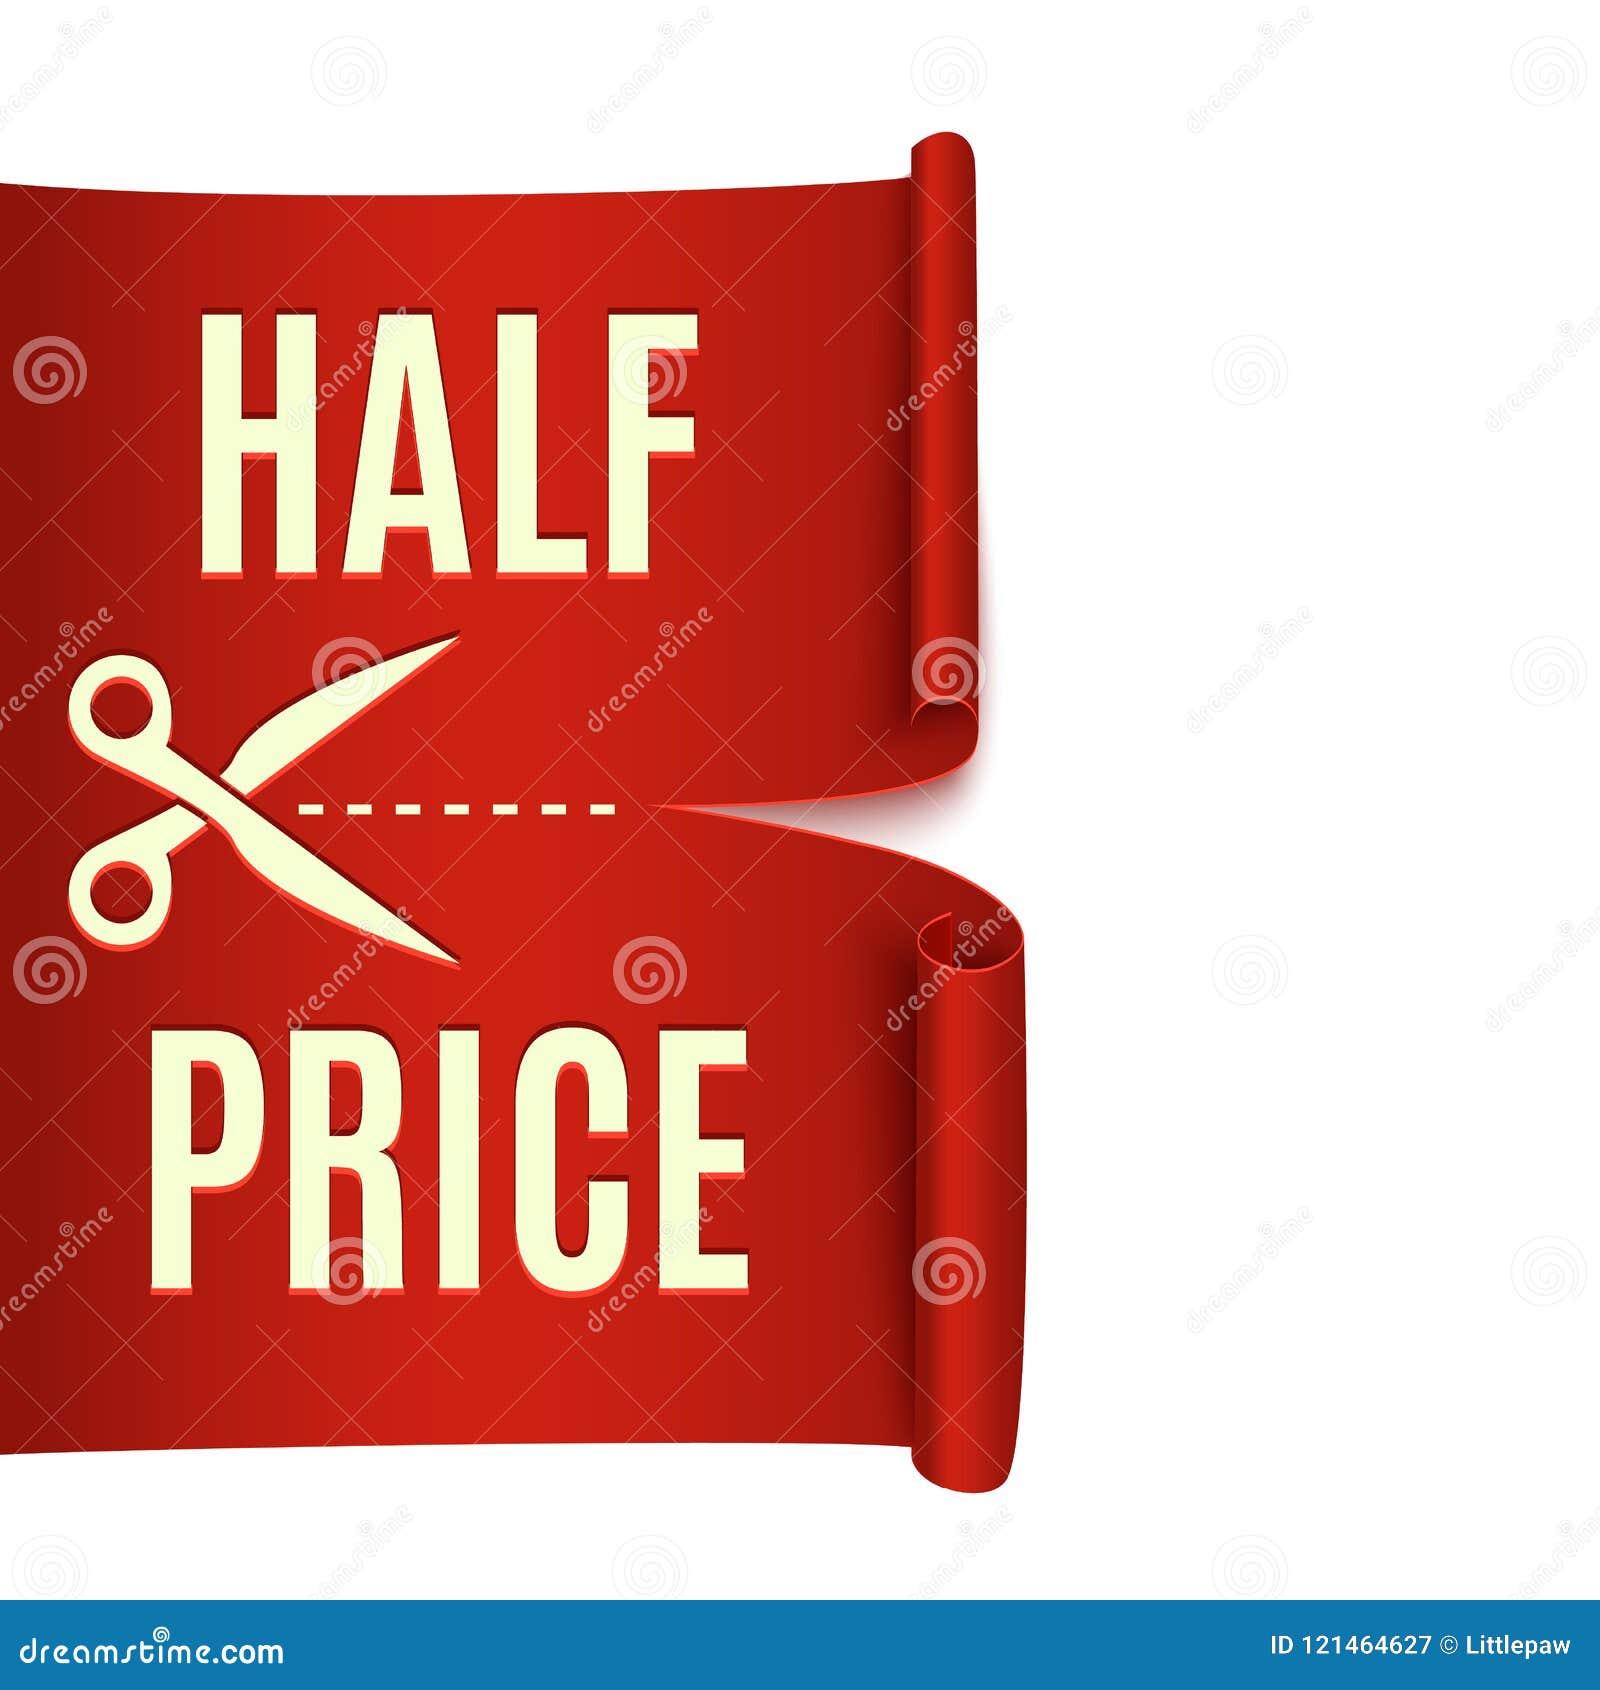 d361c01f693bcc Половинная скидка цены, красная реалистическая лента, реклама, большая  продажа, иллюстрация вектора